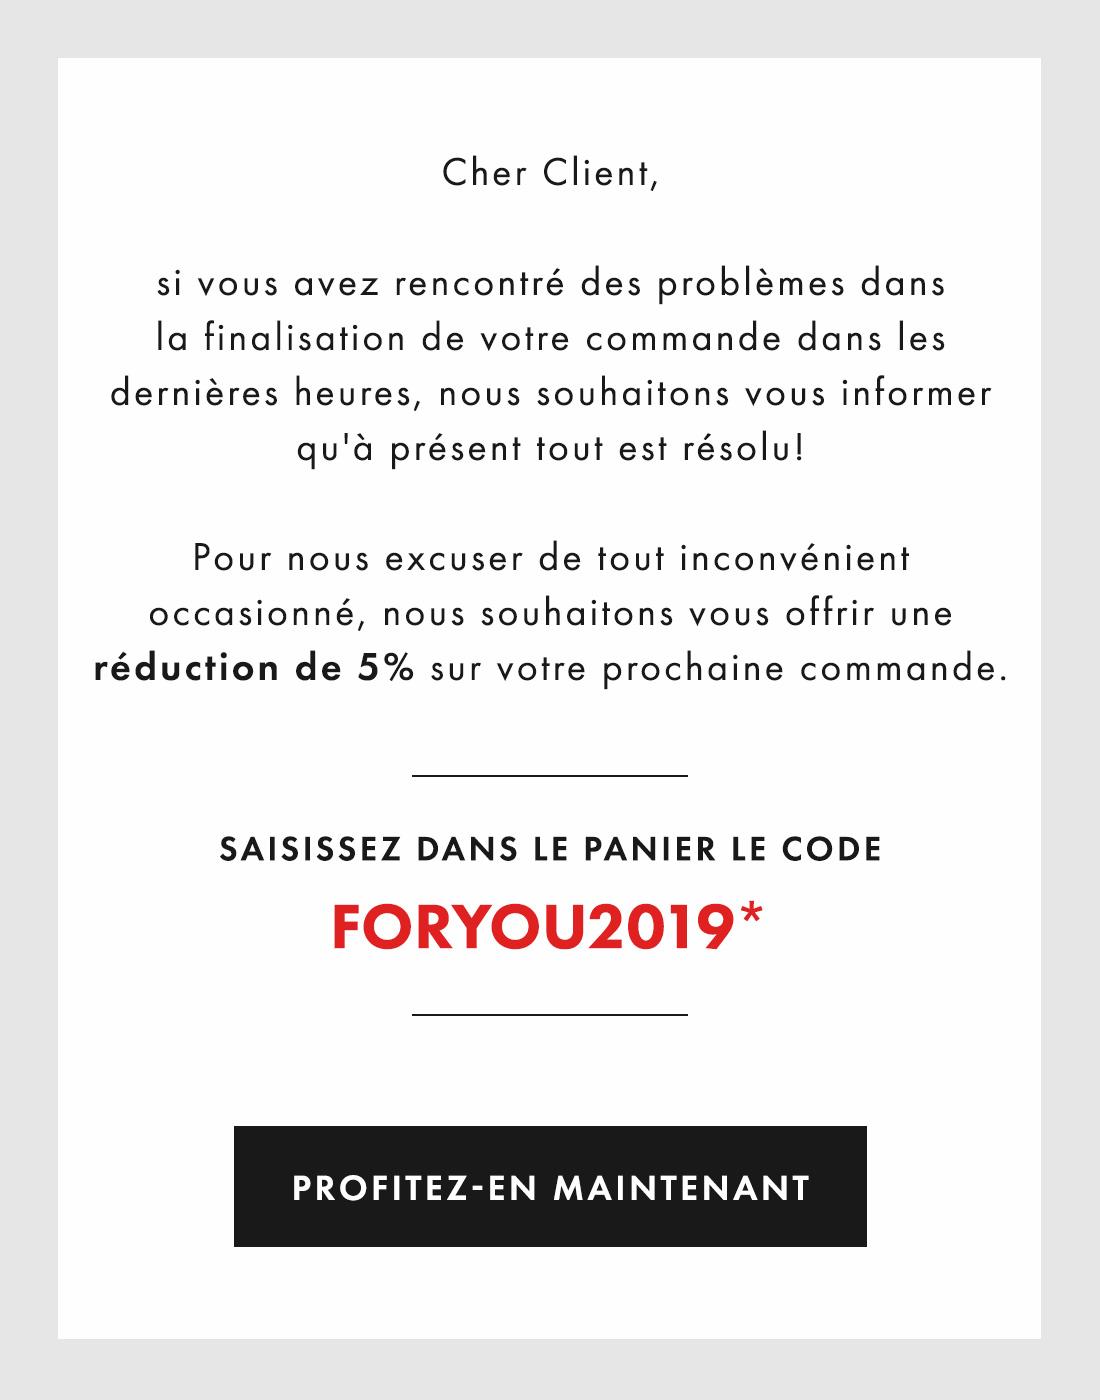 Code promo Guess 5% de réduction Octobre 2019